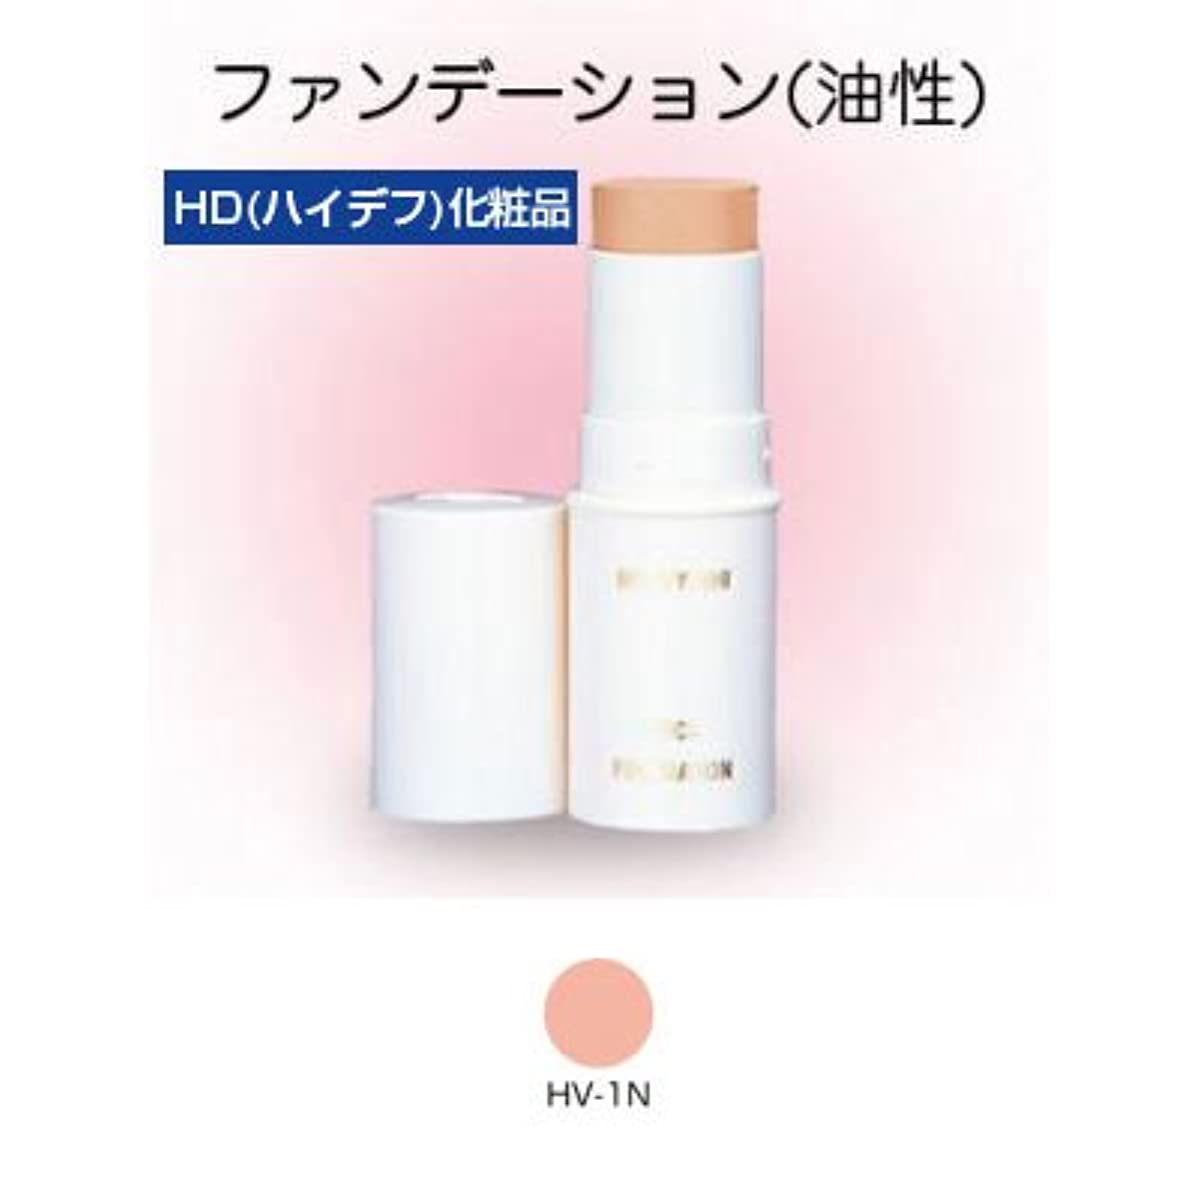 ボンド霊言語学スティックファンデーション HD化粧品 17g 1NY 【三善】